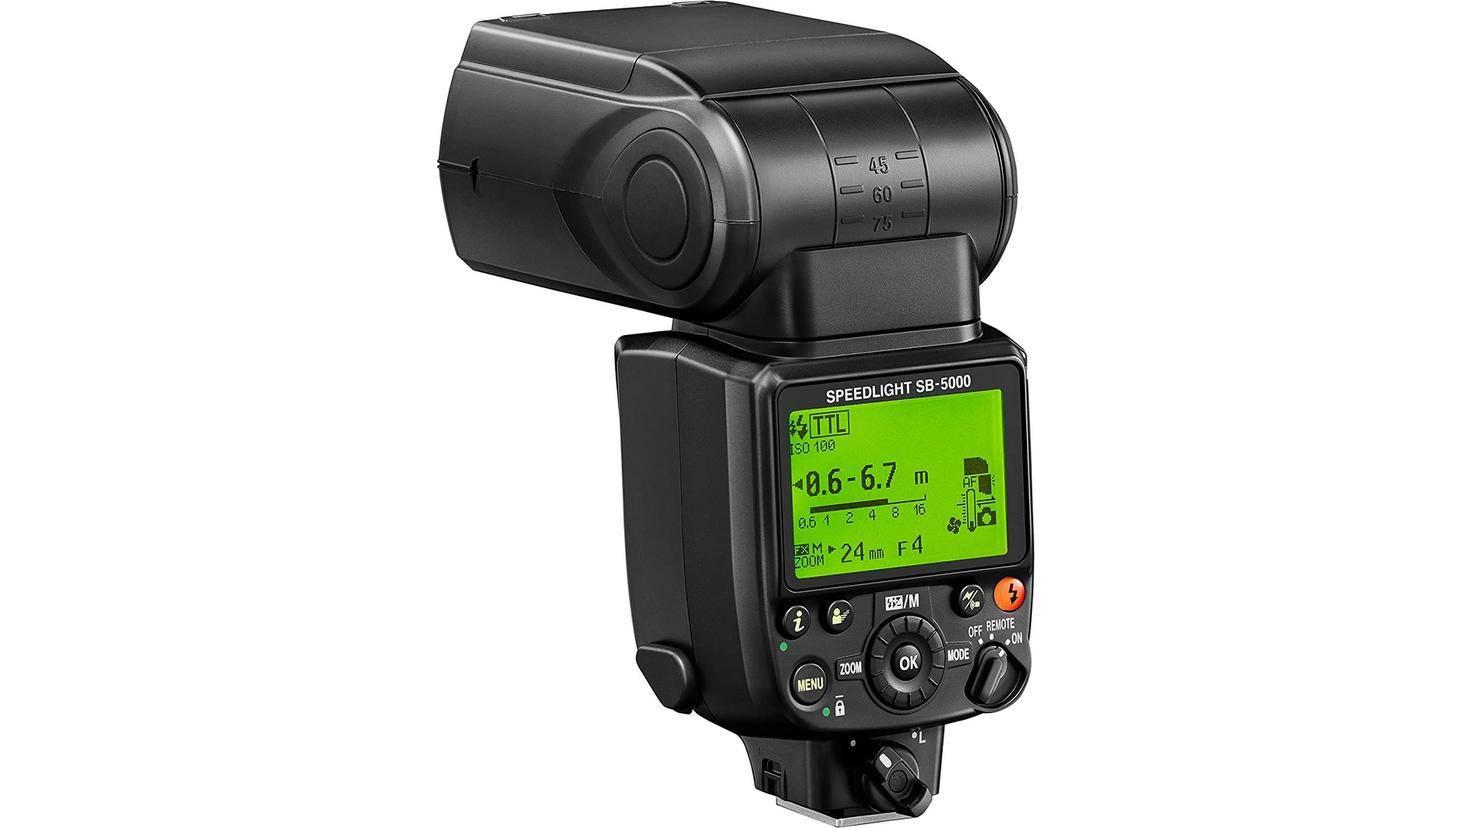 Nikon-SB-5000-blitz